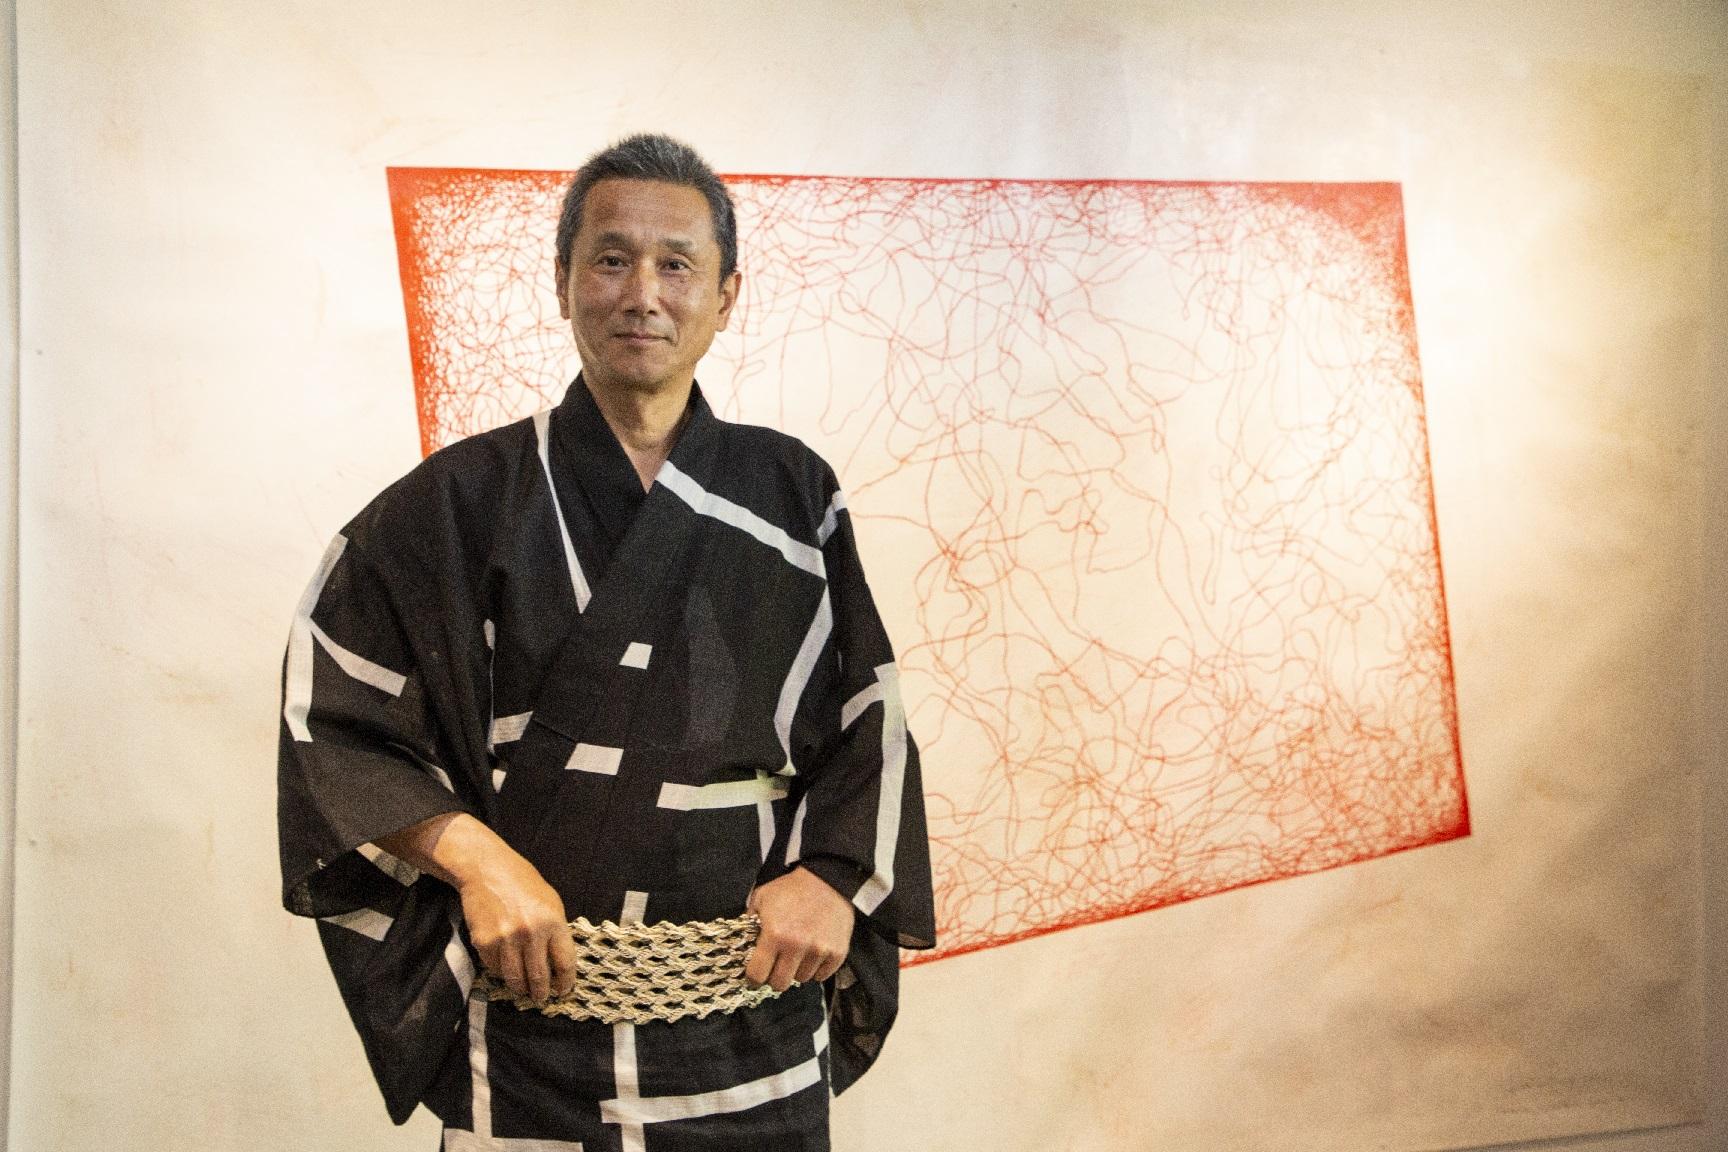 逆風の日本旅館、現代アートと異質な融合で新たな可能性を見出すか